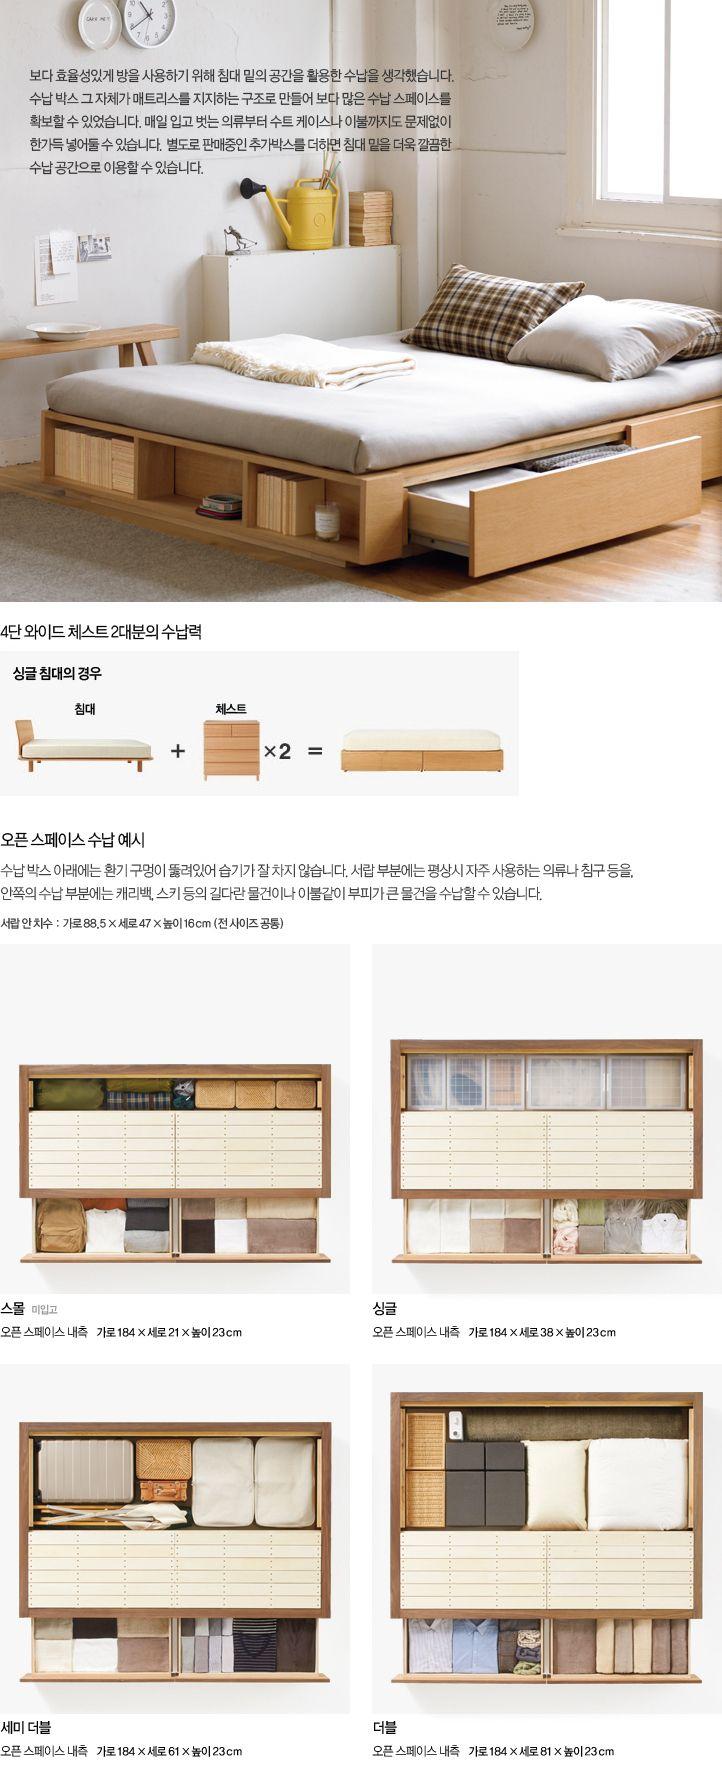 수납 침대 S 떡갈나무MUJI 온라인스토어[www.mujikorea.net] 일종의 평상이랄까. 낮은 침대와 파티션으로 구성해 보는 것도 좋을 듯.